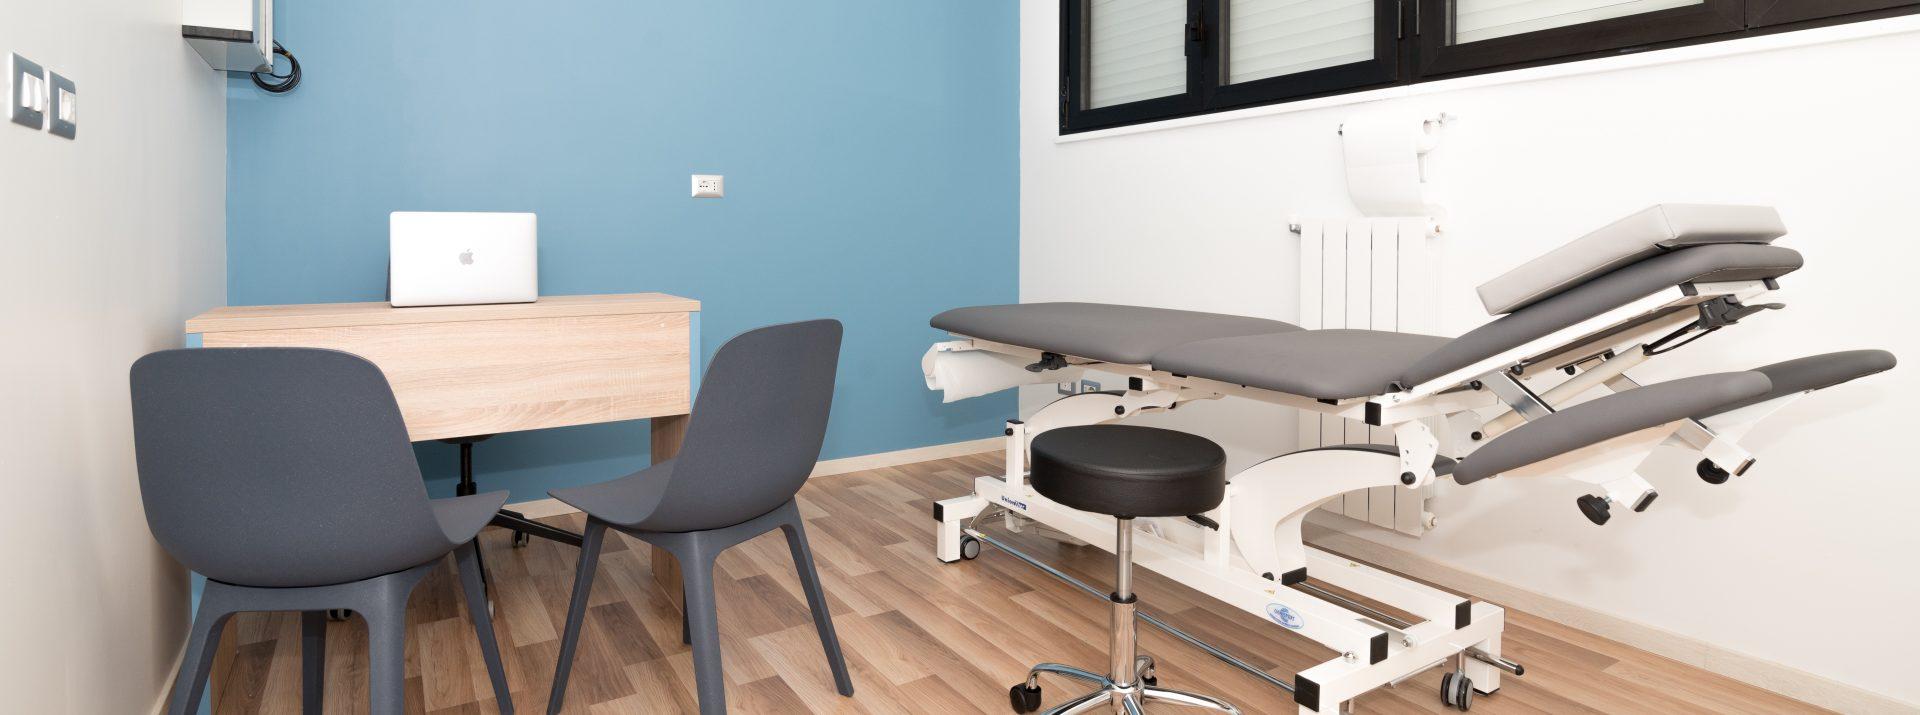 Professionalità e competenza da oltre 20 anni al servizio dei nostri pazienti